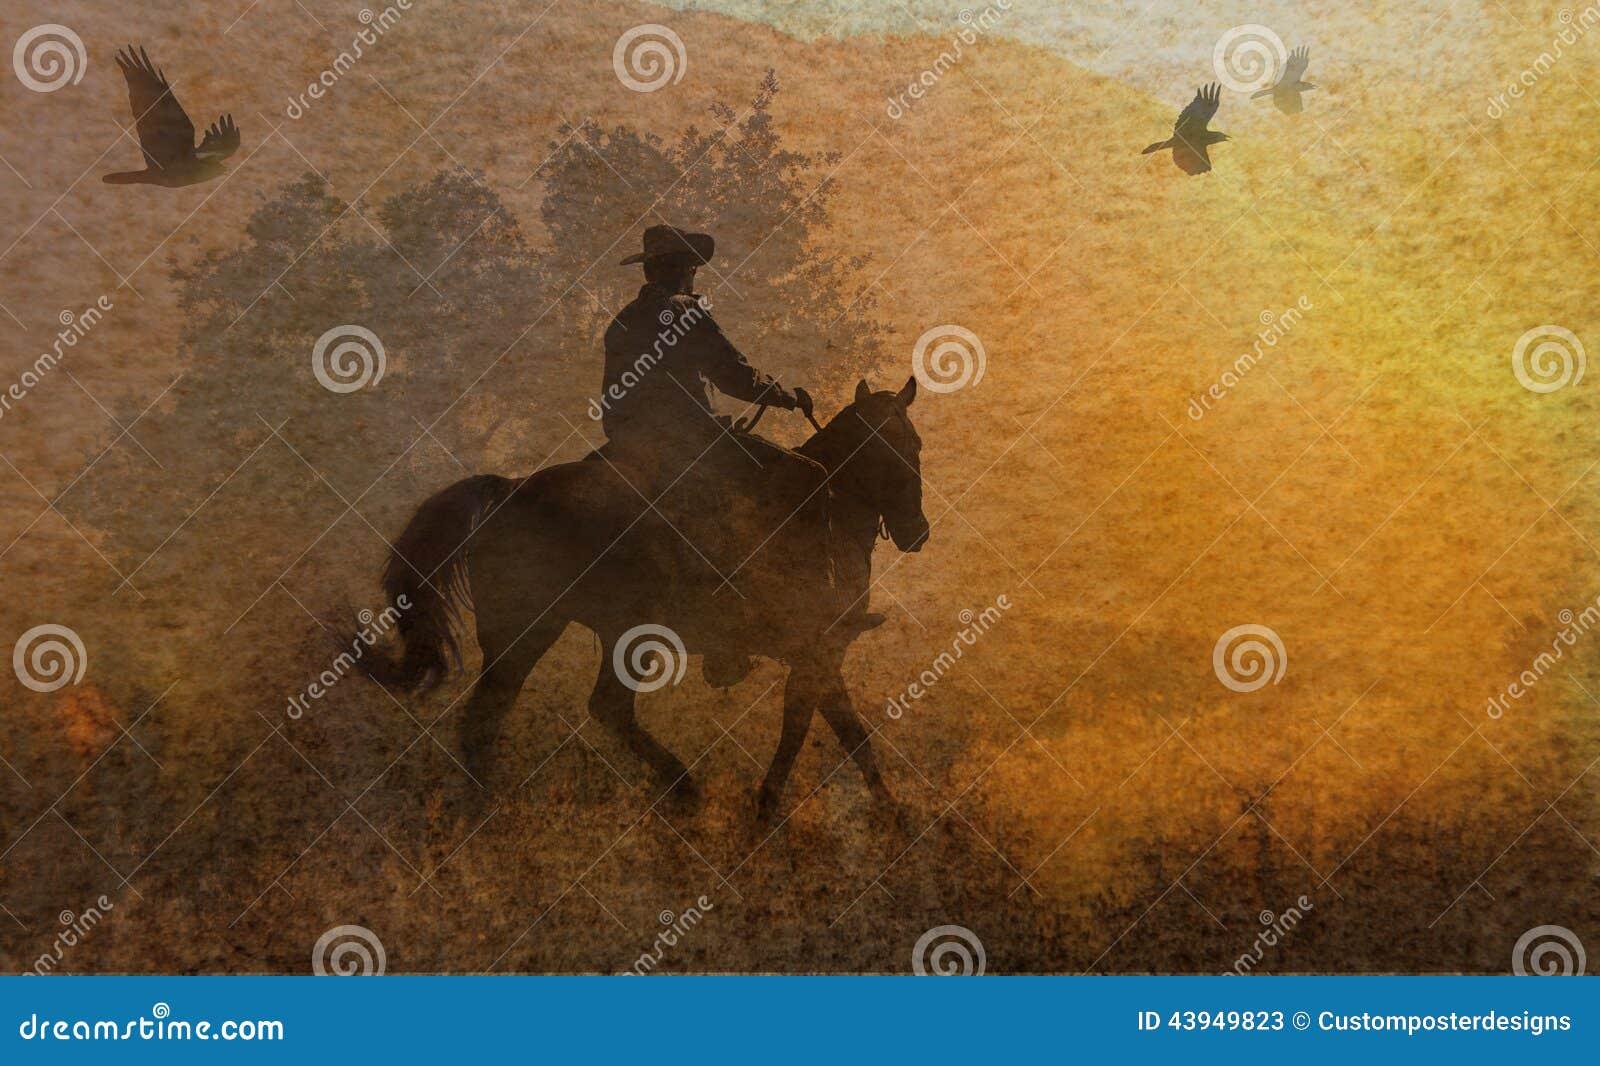 Een abstracte cowboy die in een weide met bomen, kraaien hierboven en een geweven waterverf gele achtergrond die vliegen berijden